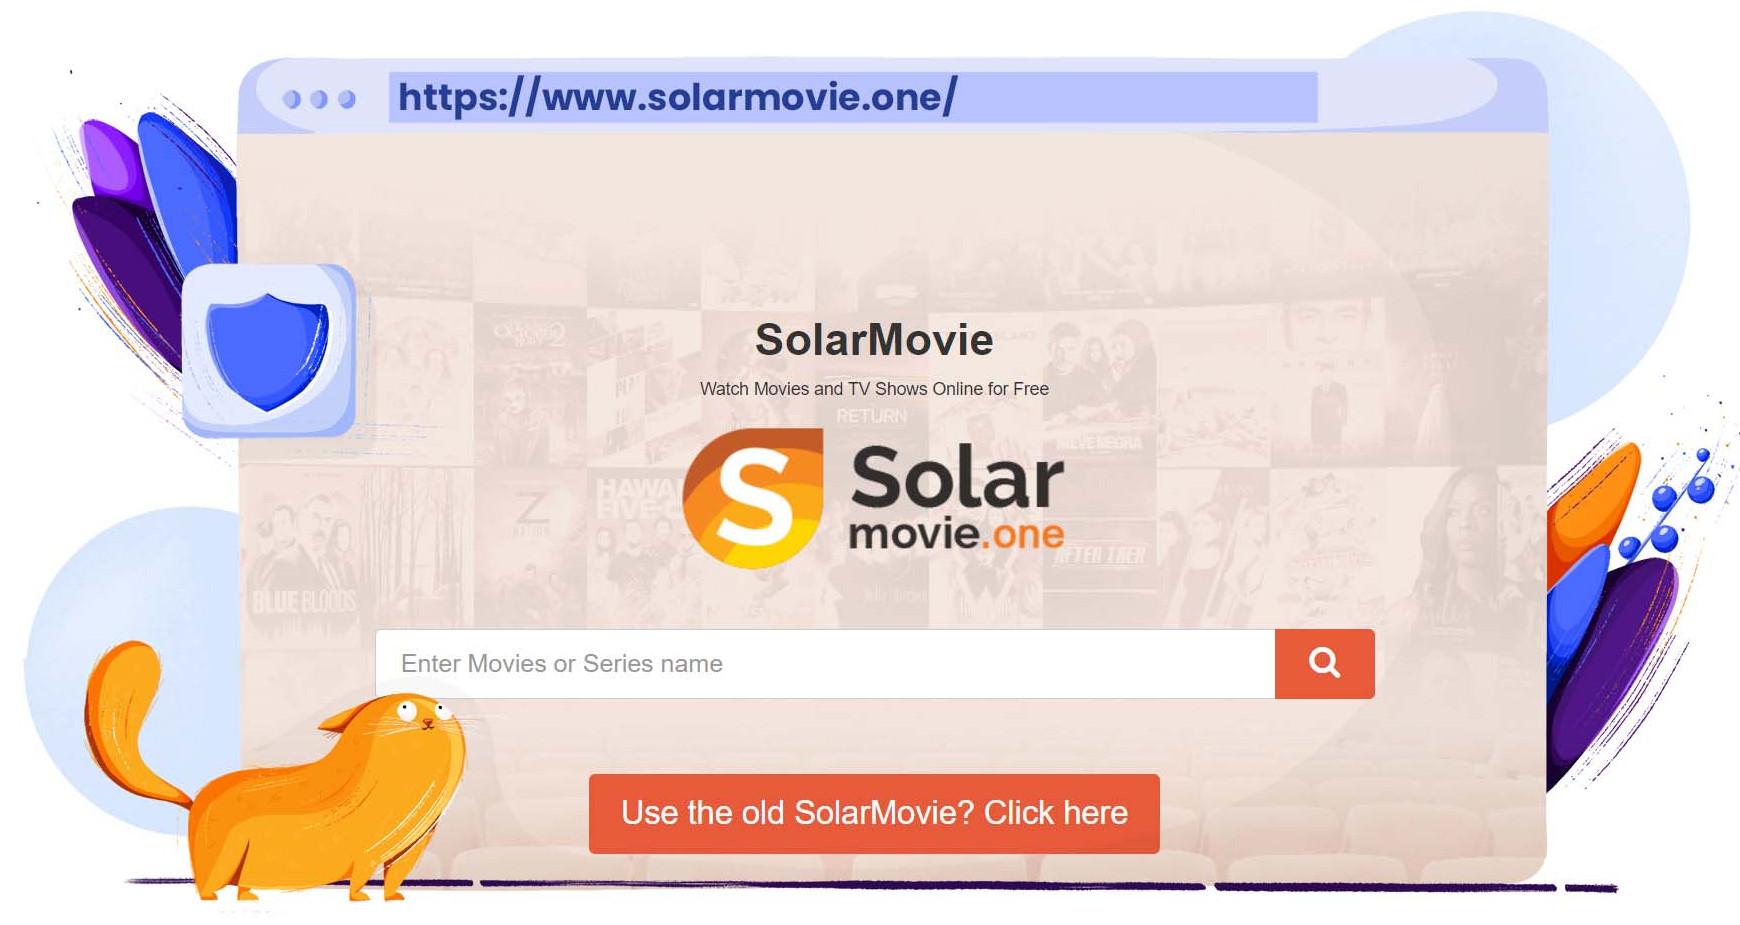 Nutzen Sie Solarmovie als Putlocker-Alternative zum Streamen von Filmen und TV-Serien